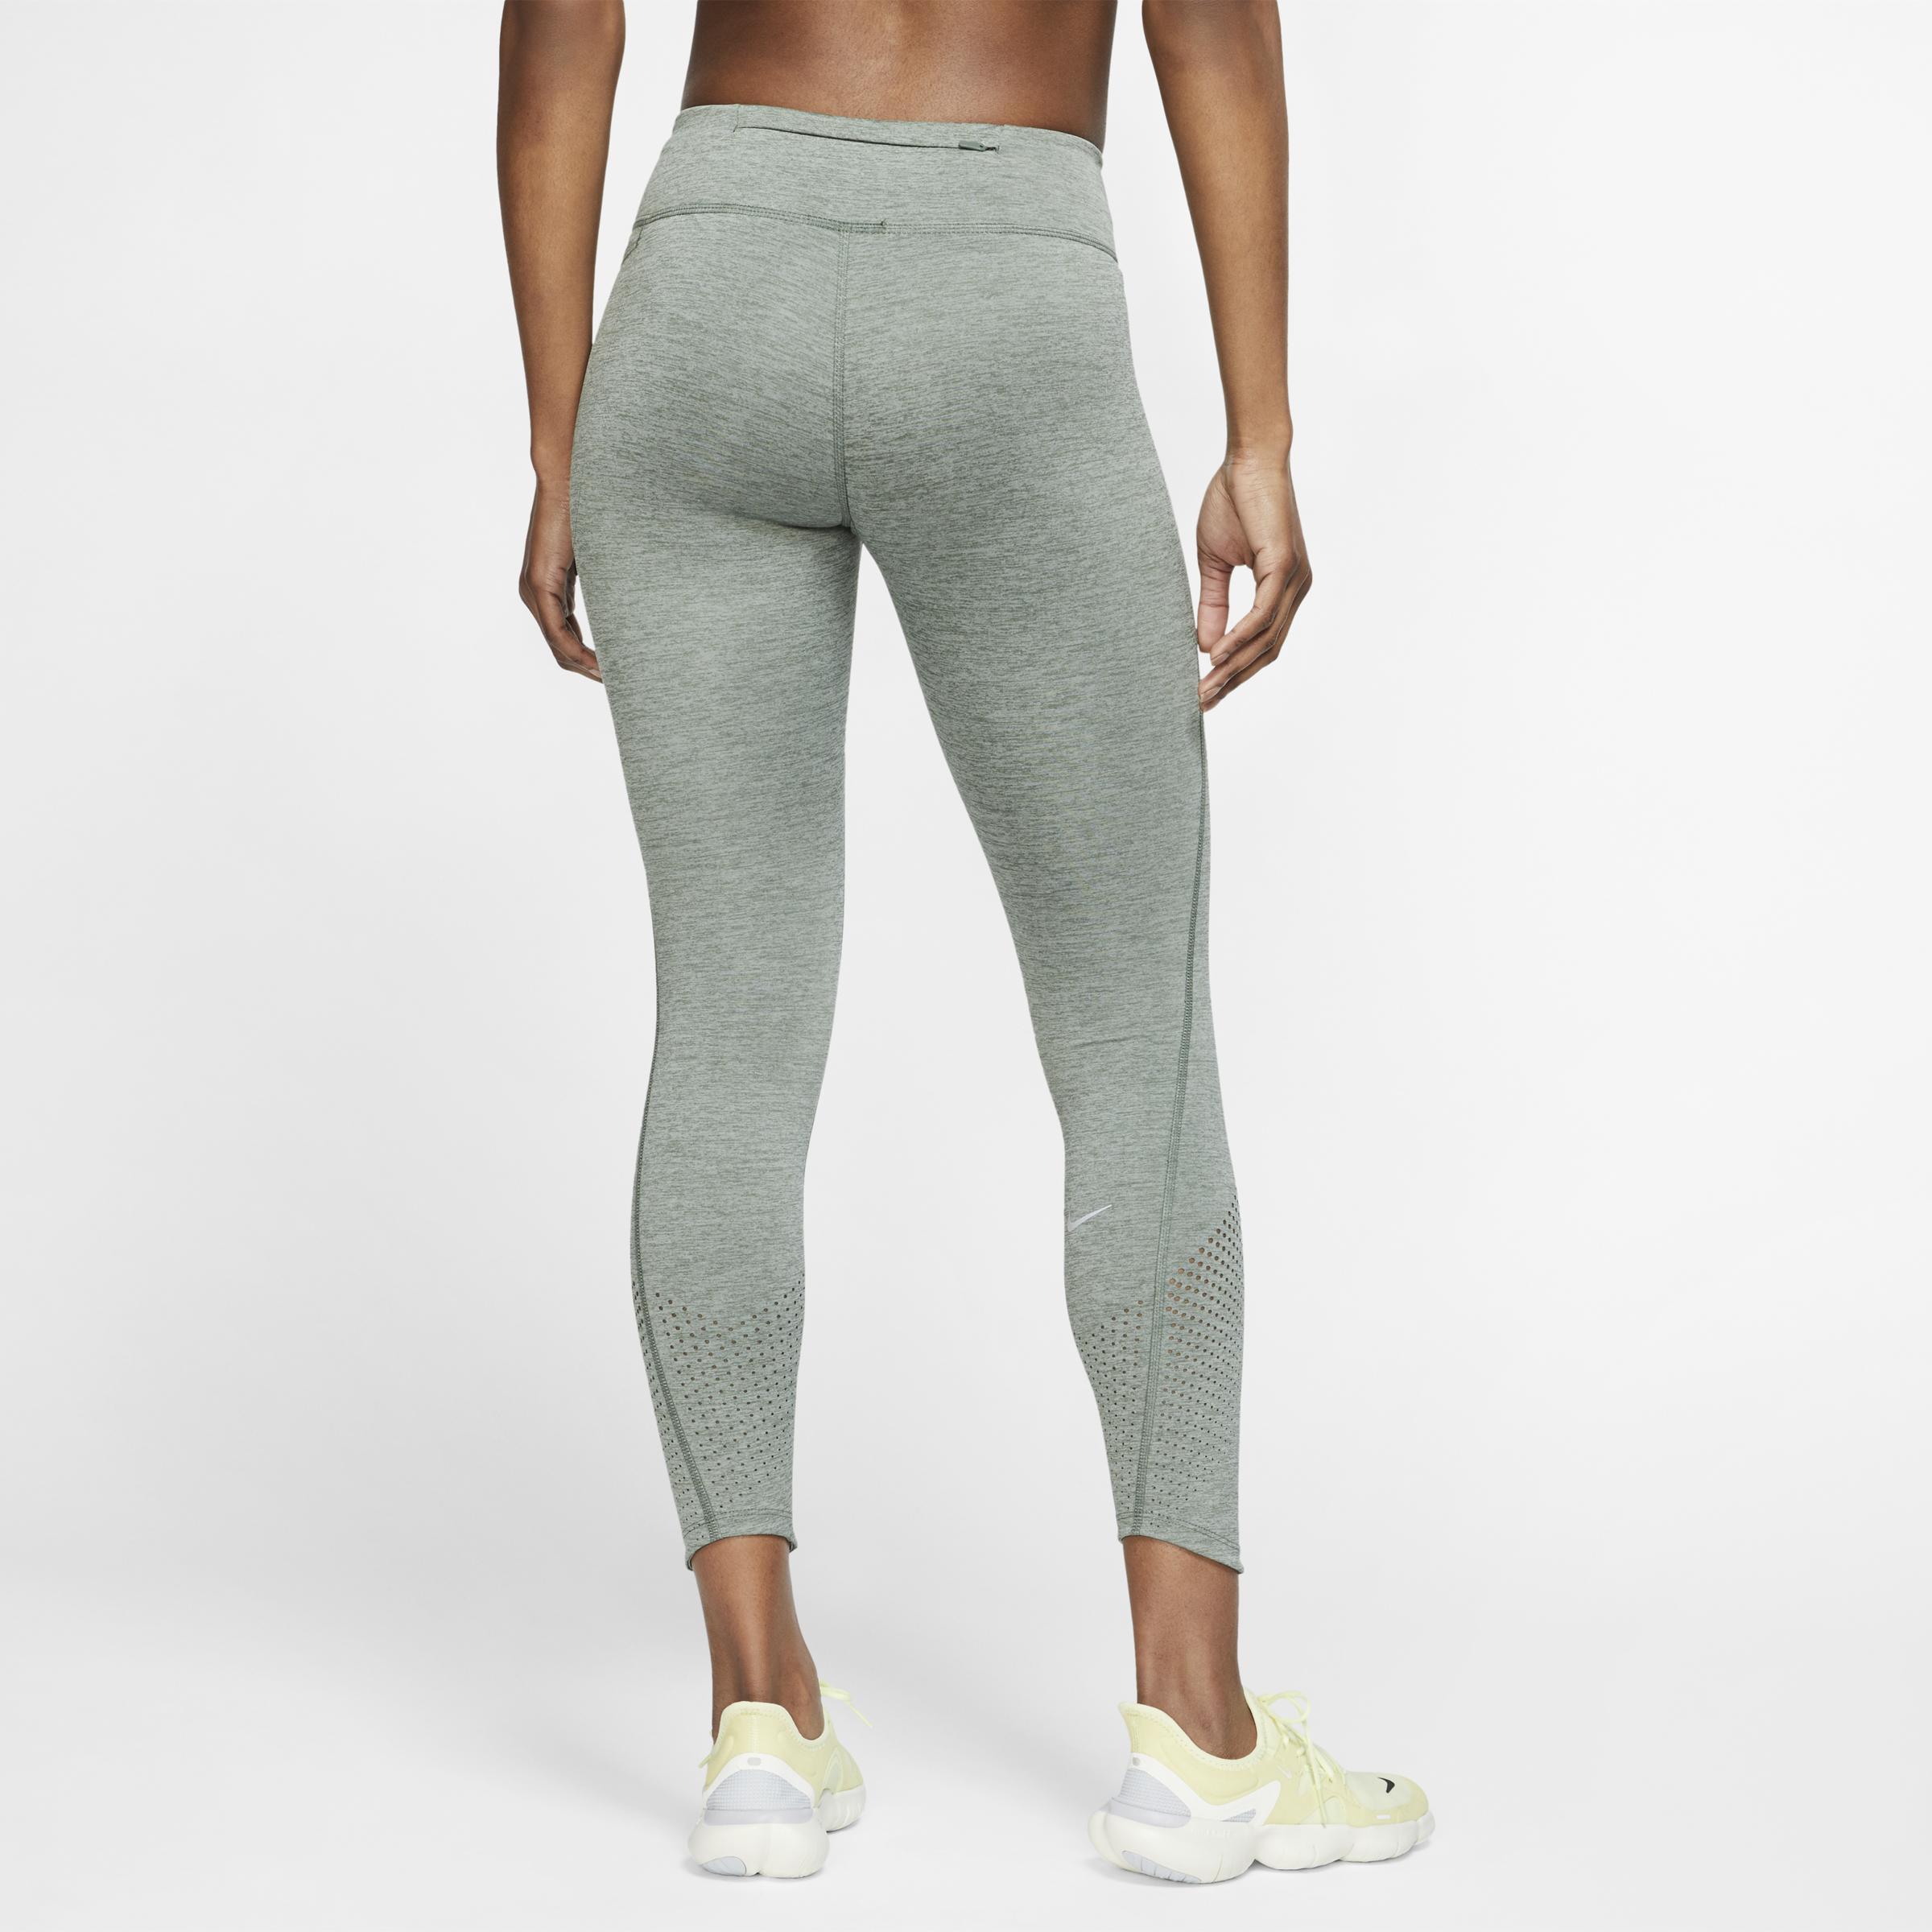 Nike Printed Epic Lux Hose Damen weiß schwarz at Sport